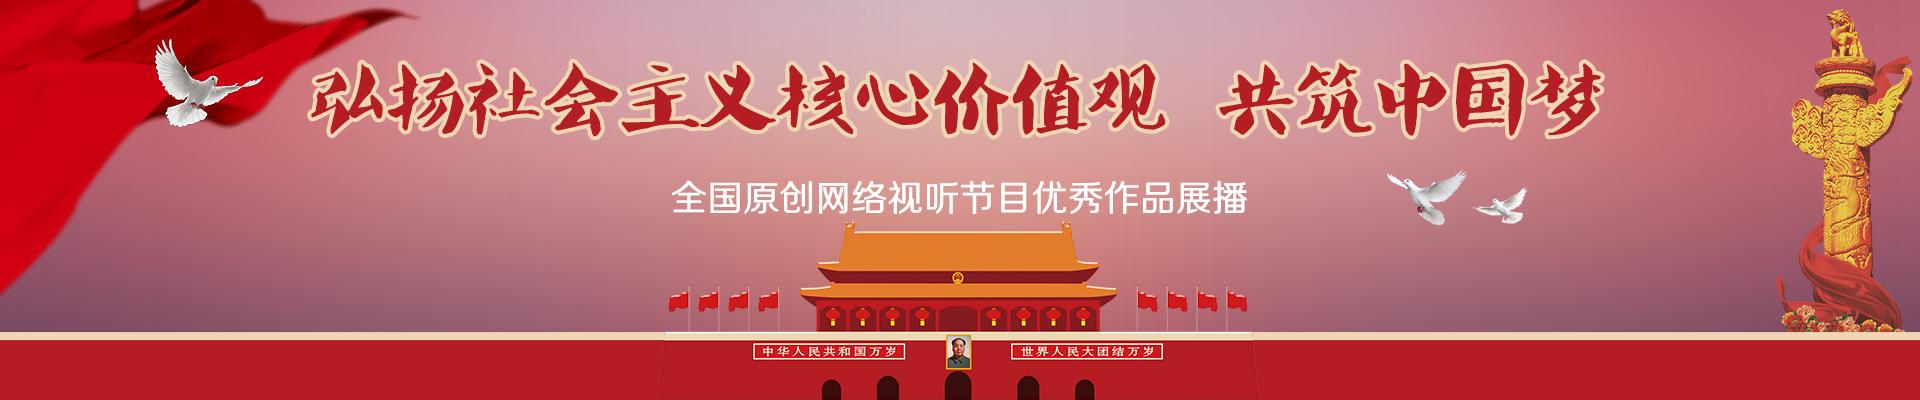 弘扬社会主义核心价值观 共筑中国梦全国原创网络视听节目优秀作品展播